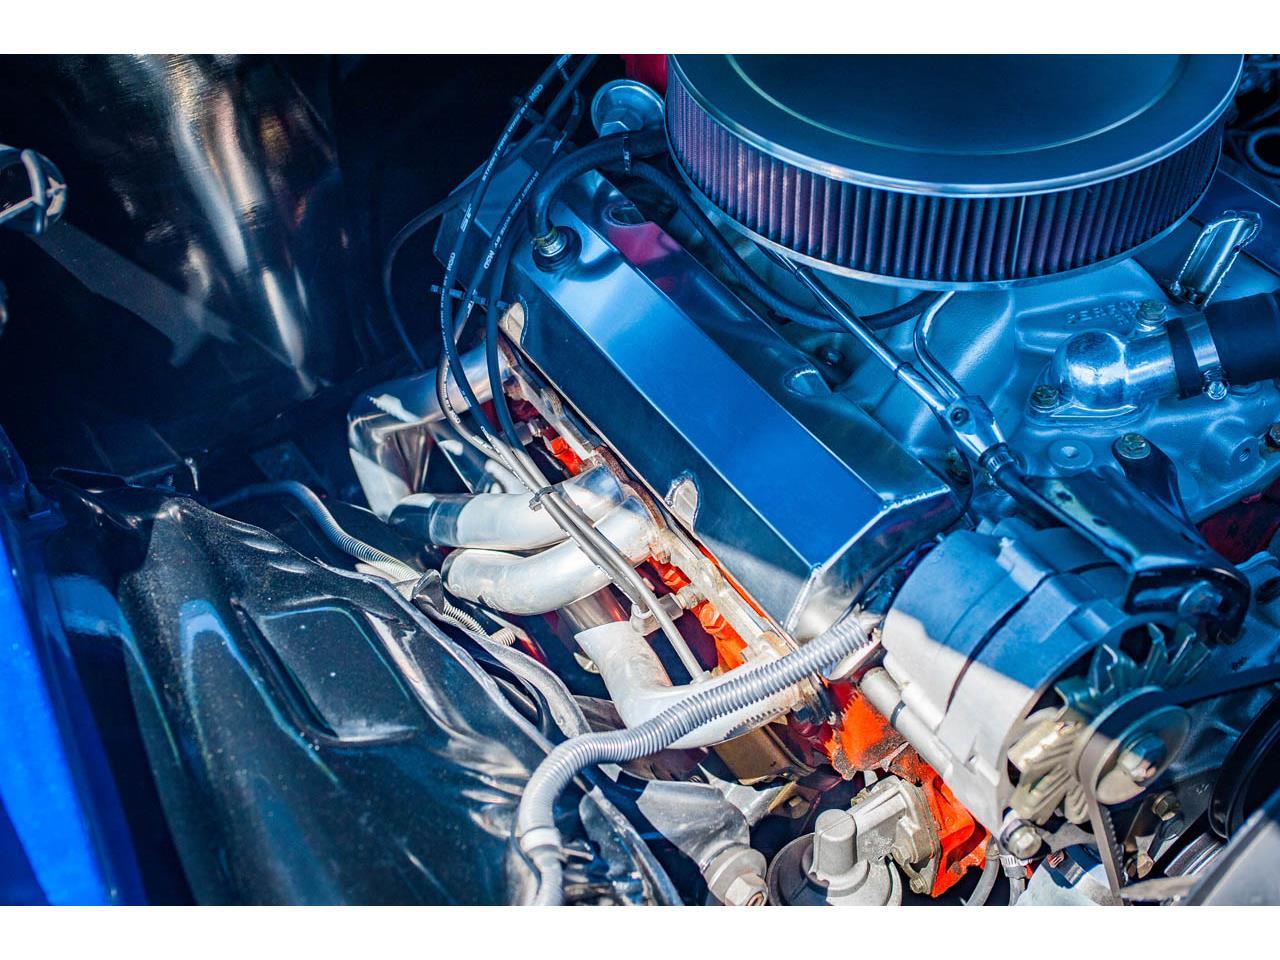 Large Picture of Classic '71 Chevrolet Camaro located in O'Fallon Illinois - QB8S